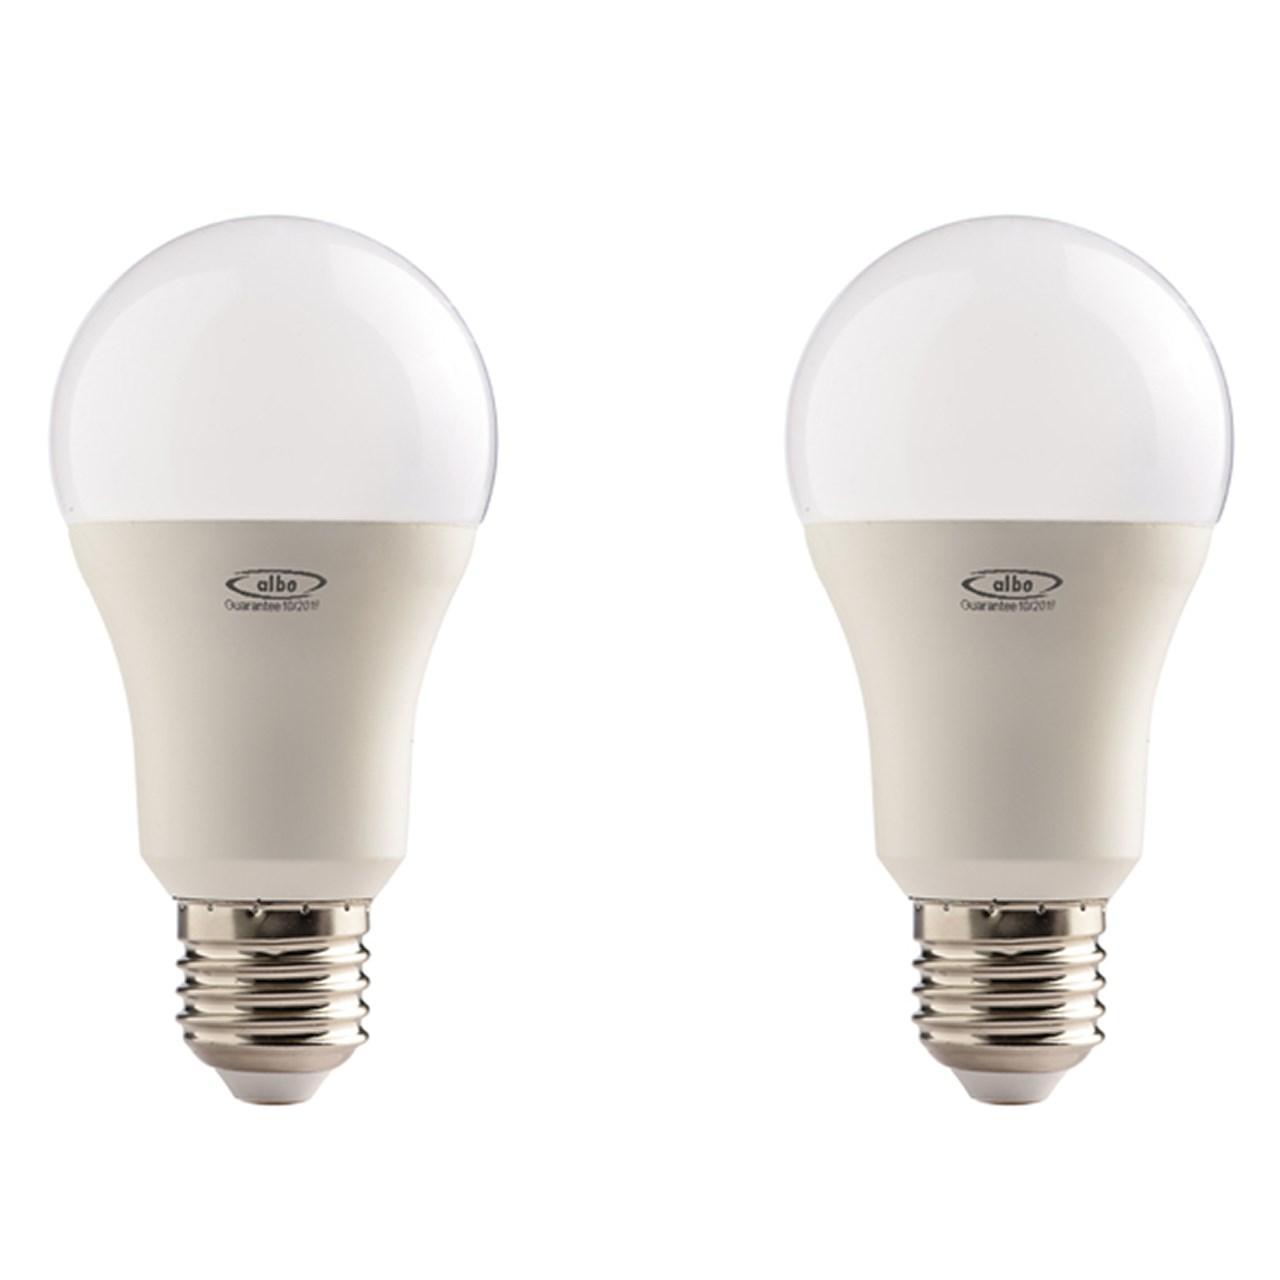 لامپ ال ای دی 15 وات البو مدل حبابی پایه E27 بسته 2 عددی